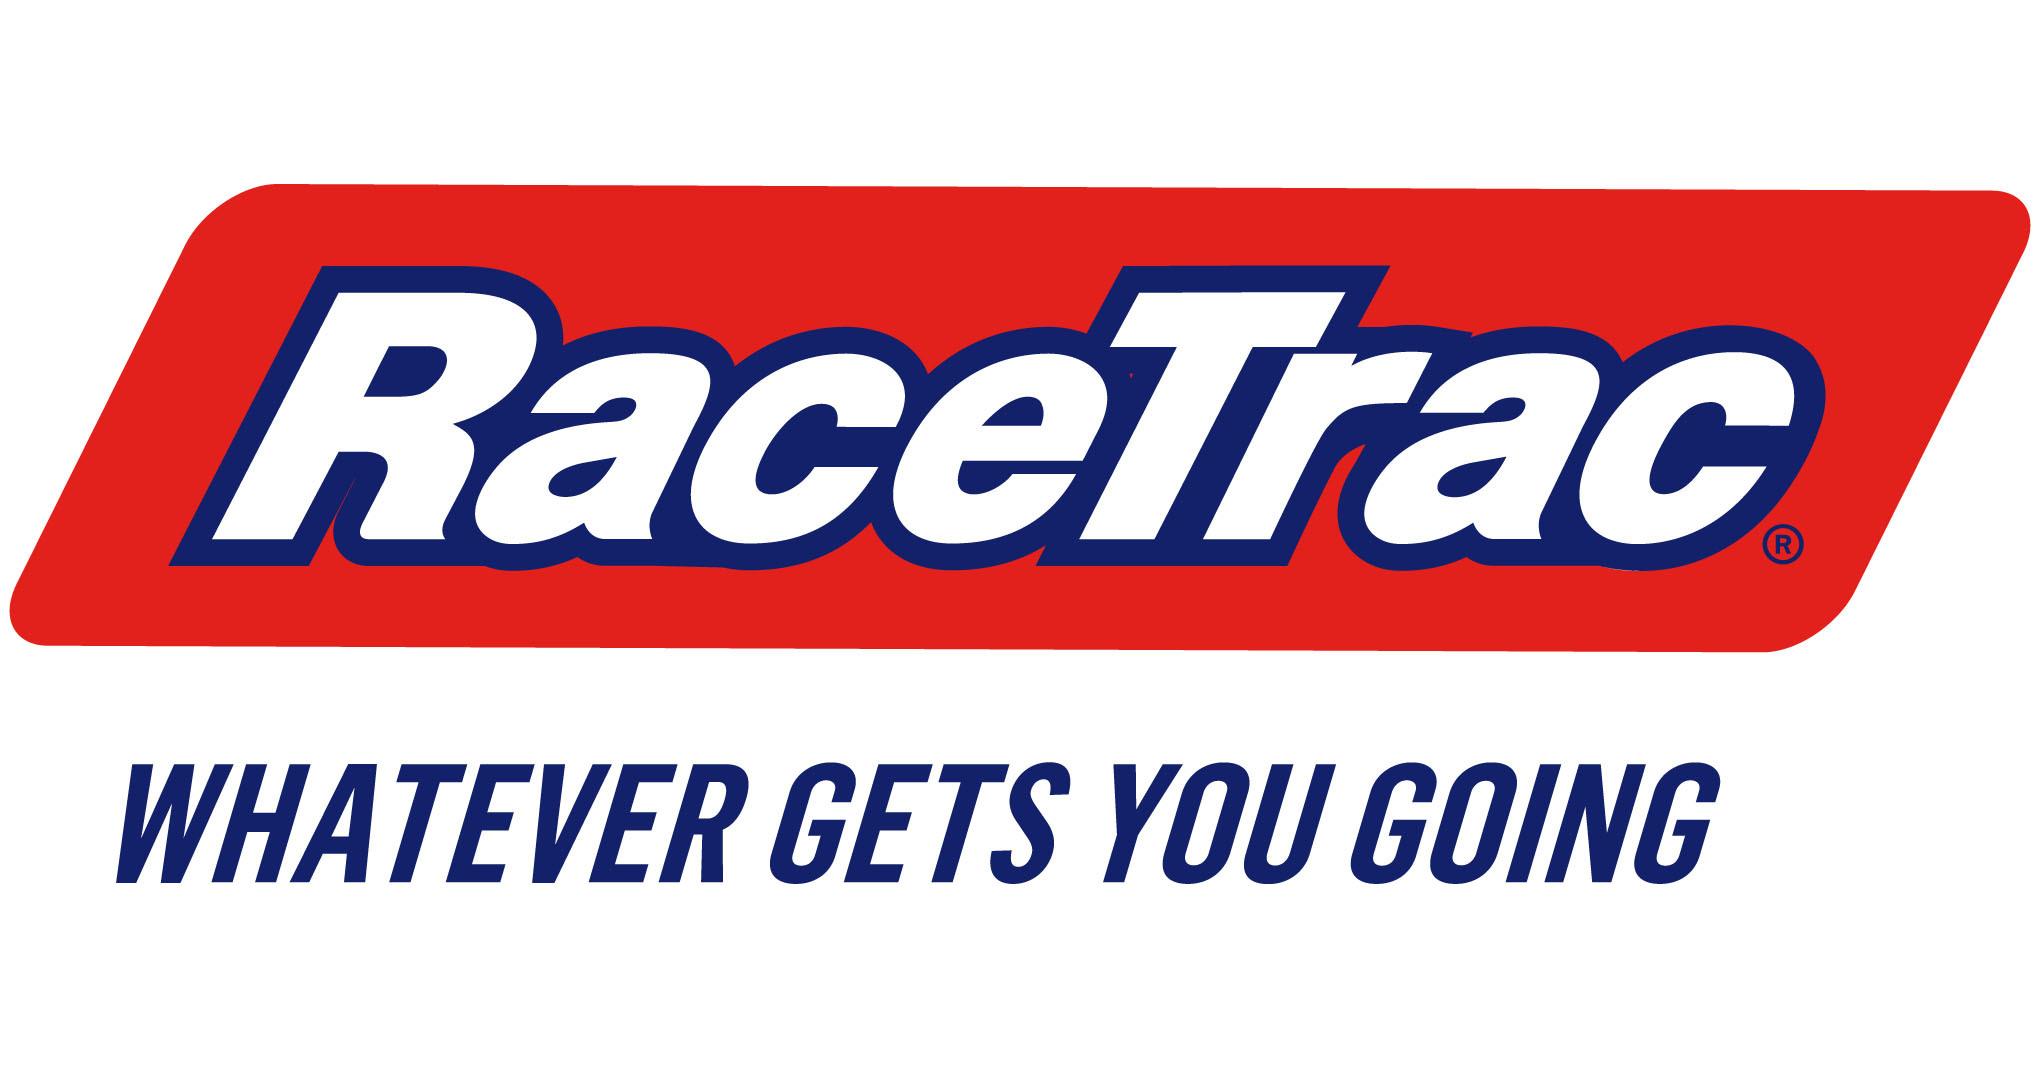 Racetrac deals